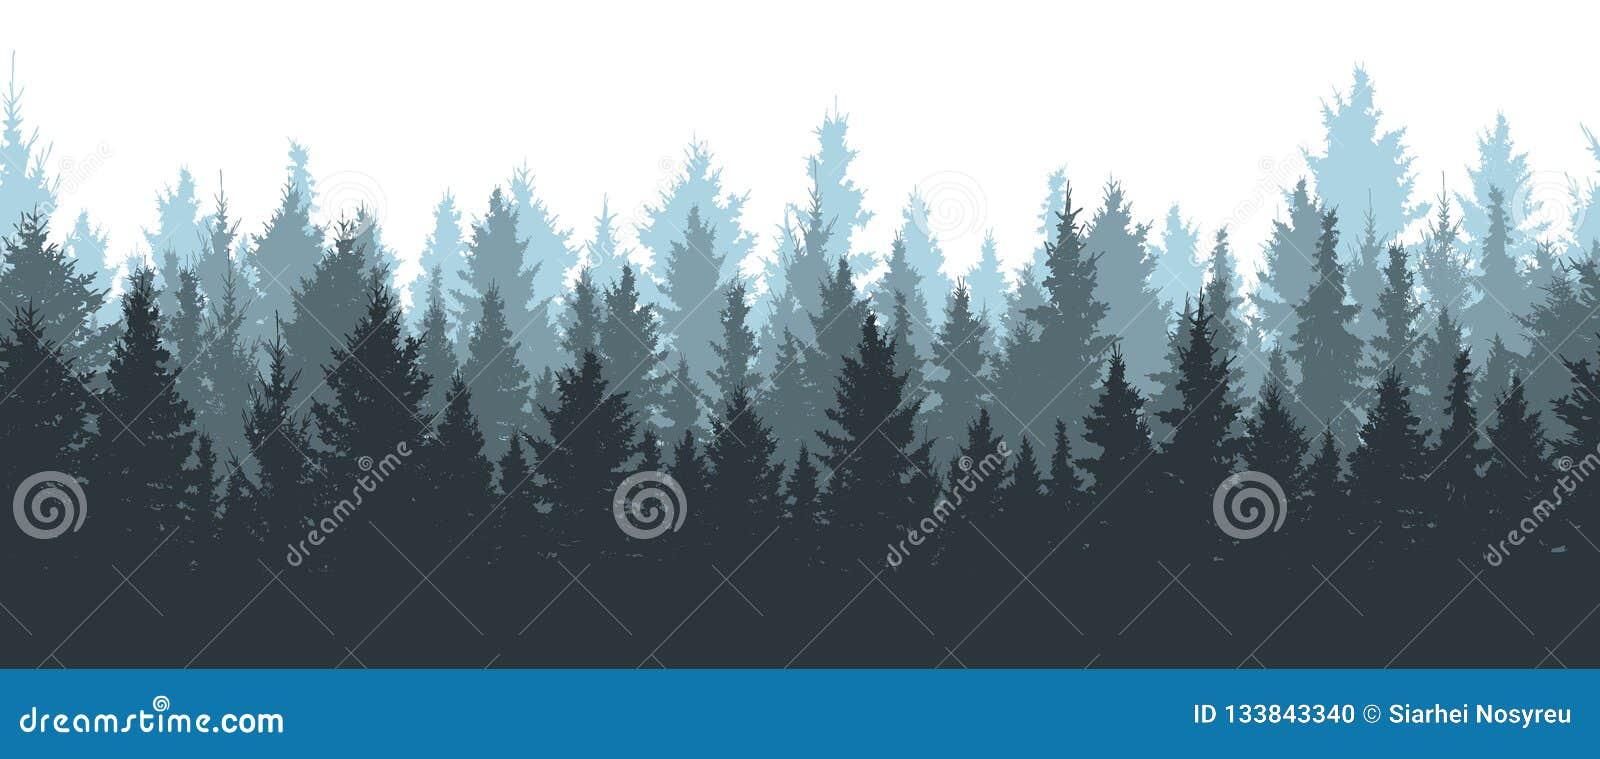 Sömlös vinterskog, kontur av granar